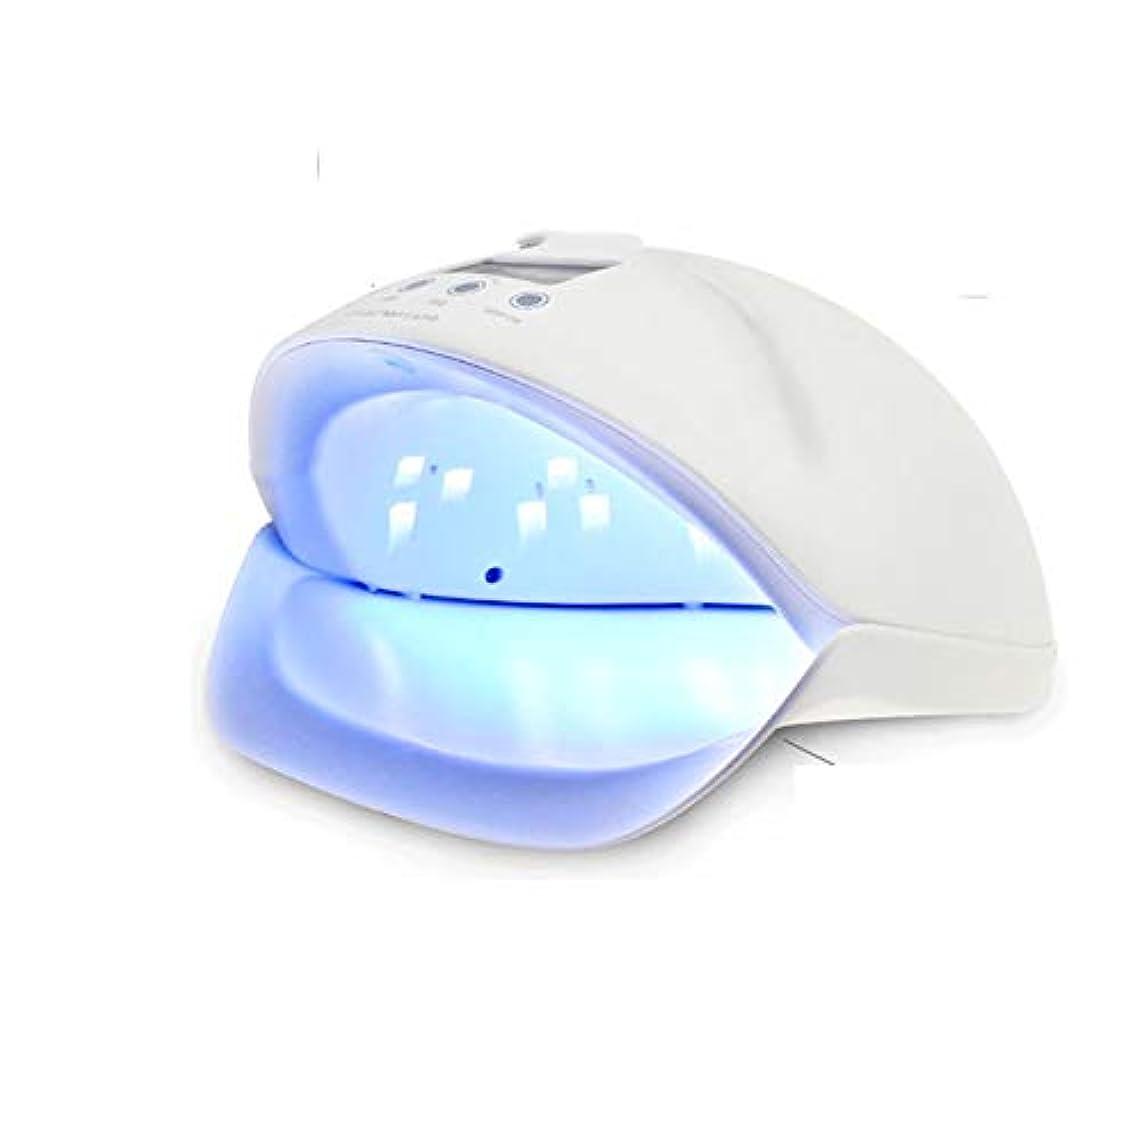 入札減衰酔ったネイルドライヤー - ネイル光線療法ベーキングランプ50ワットUV無痛モードLED赤外線センサーインテリジェントネイルマシン